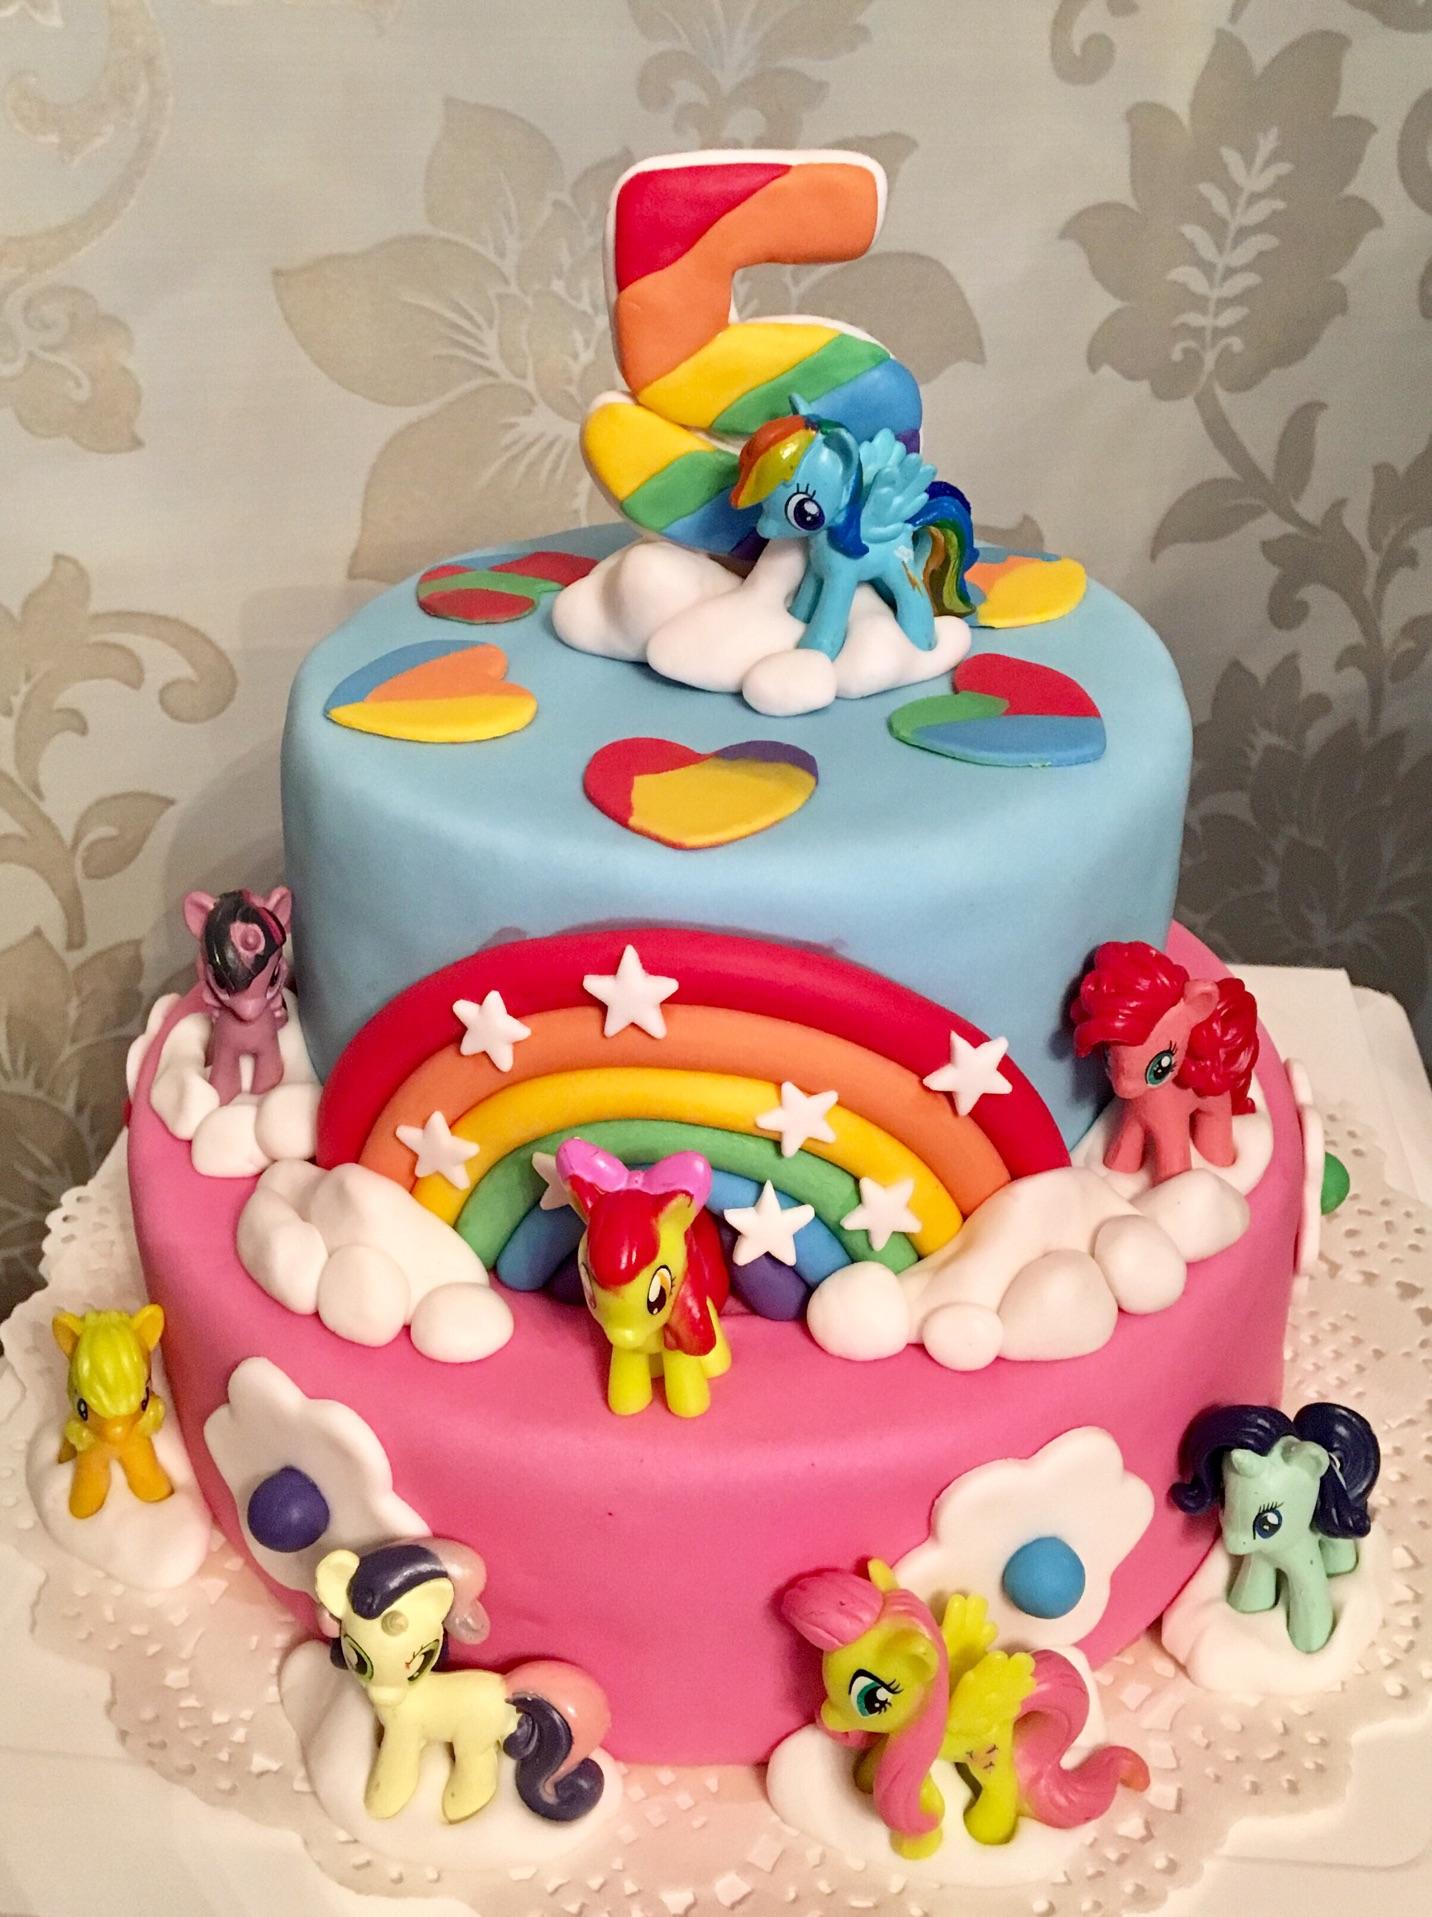 小马宝莉双层翻糖蛋糕(含内胚配方及包面技法)图片